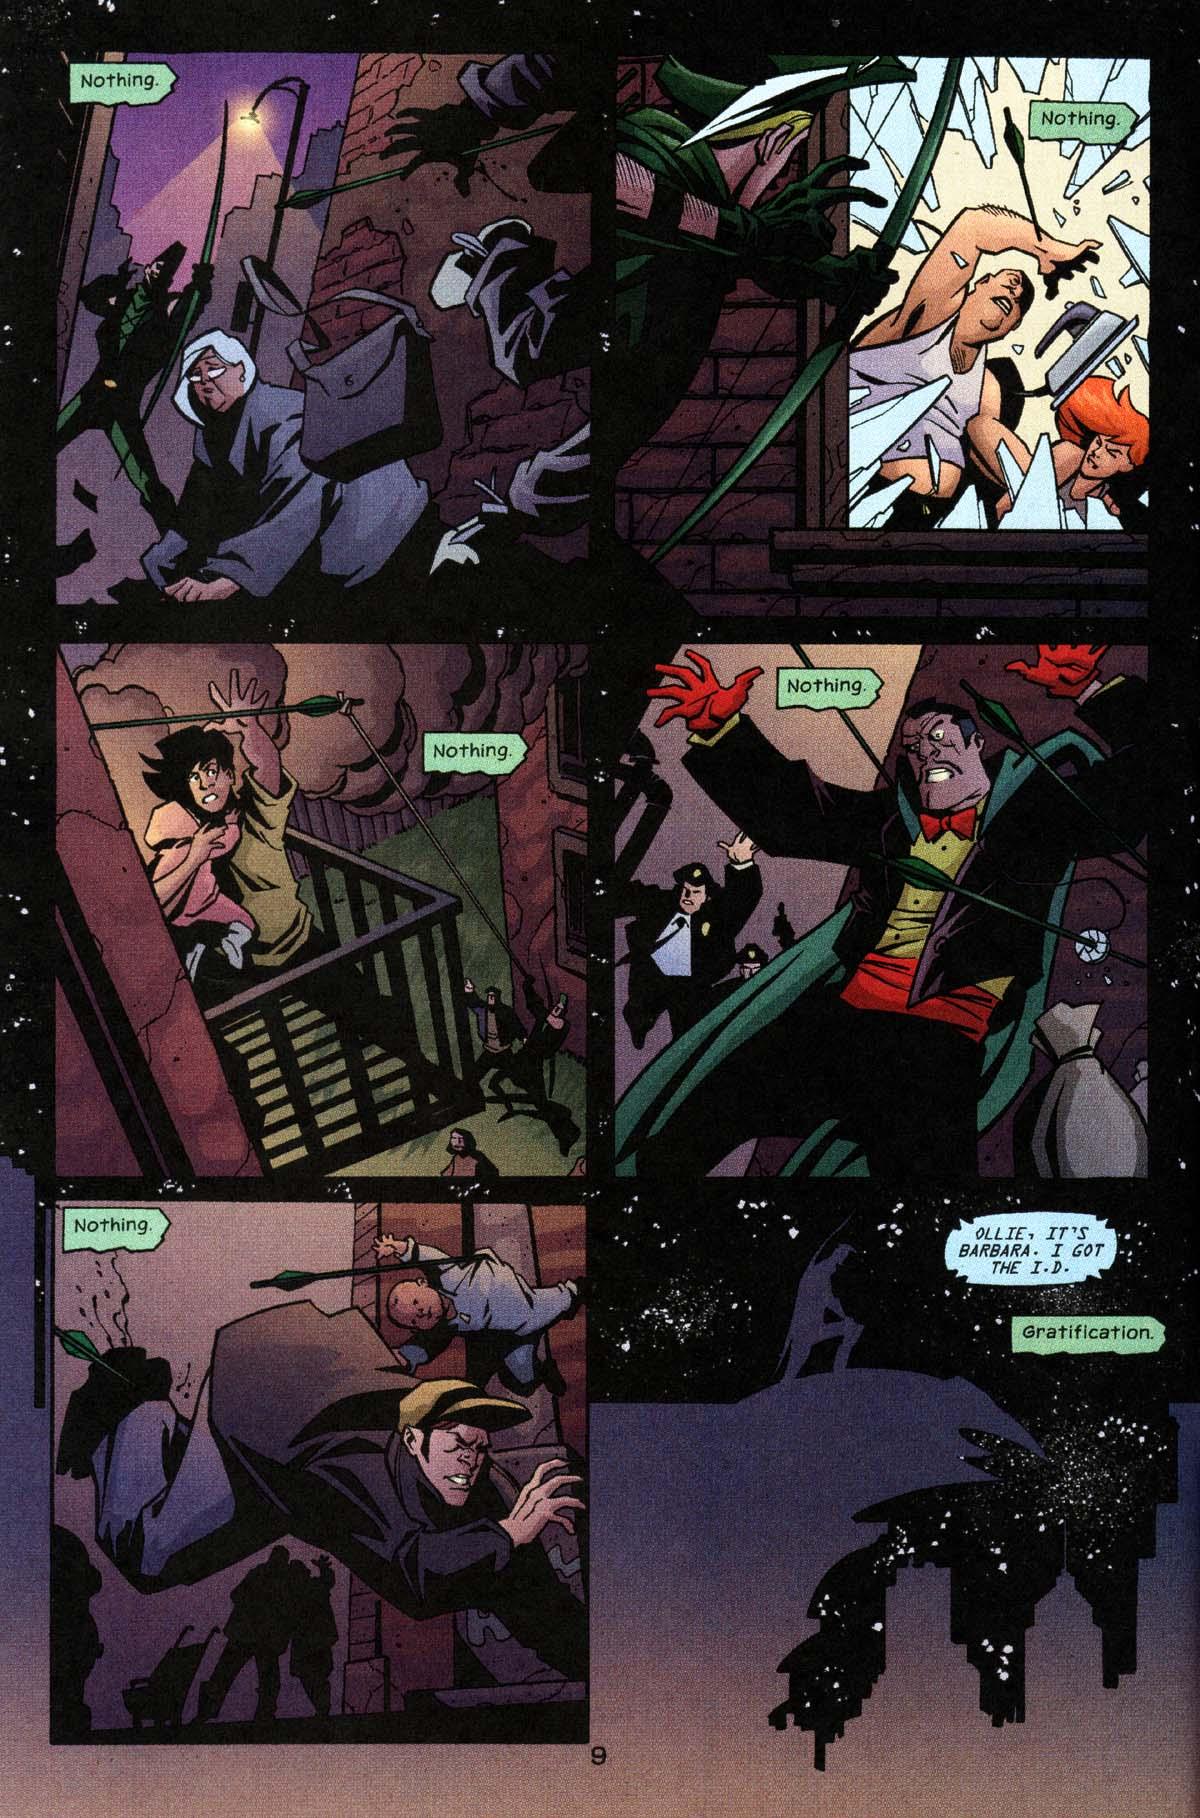 Green Arrow v4 016-09 AlibiActions.JPG